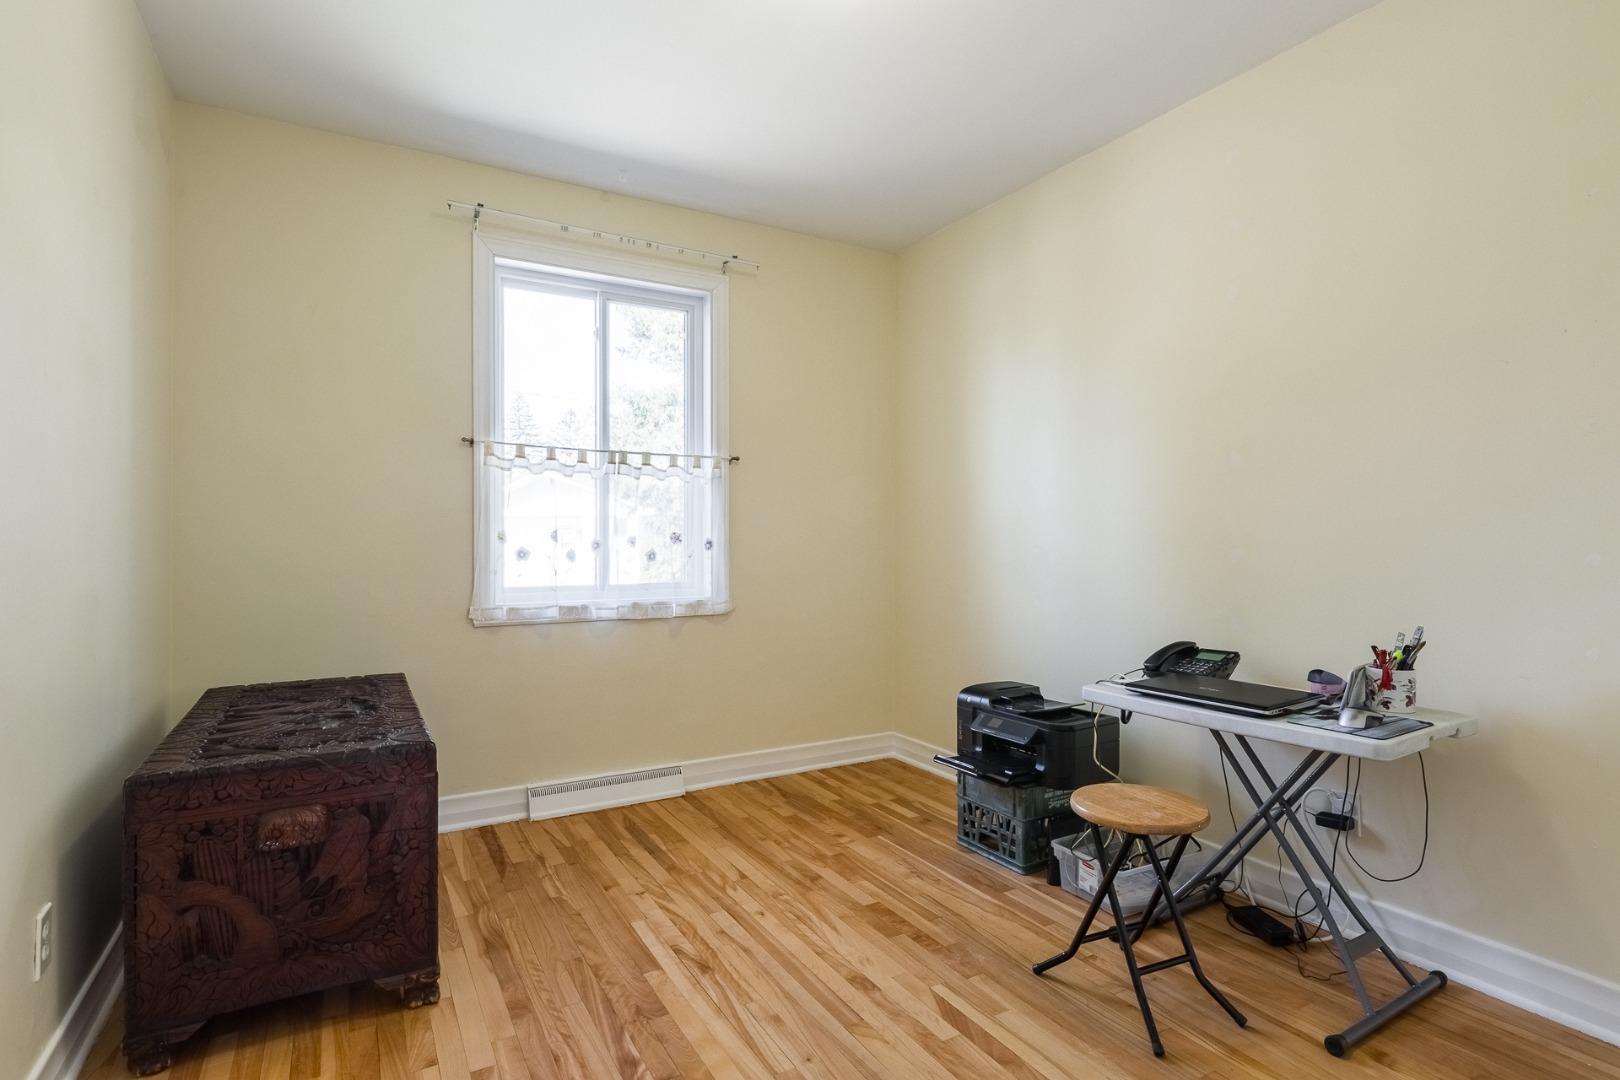 Maison à vendre_-_4351_rue_gilles_-_pierrefonds_-_steve_rouleau_-_al17.jpg